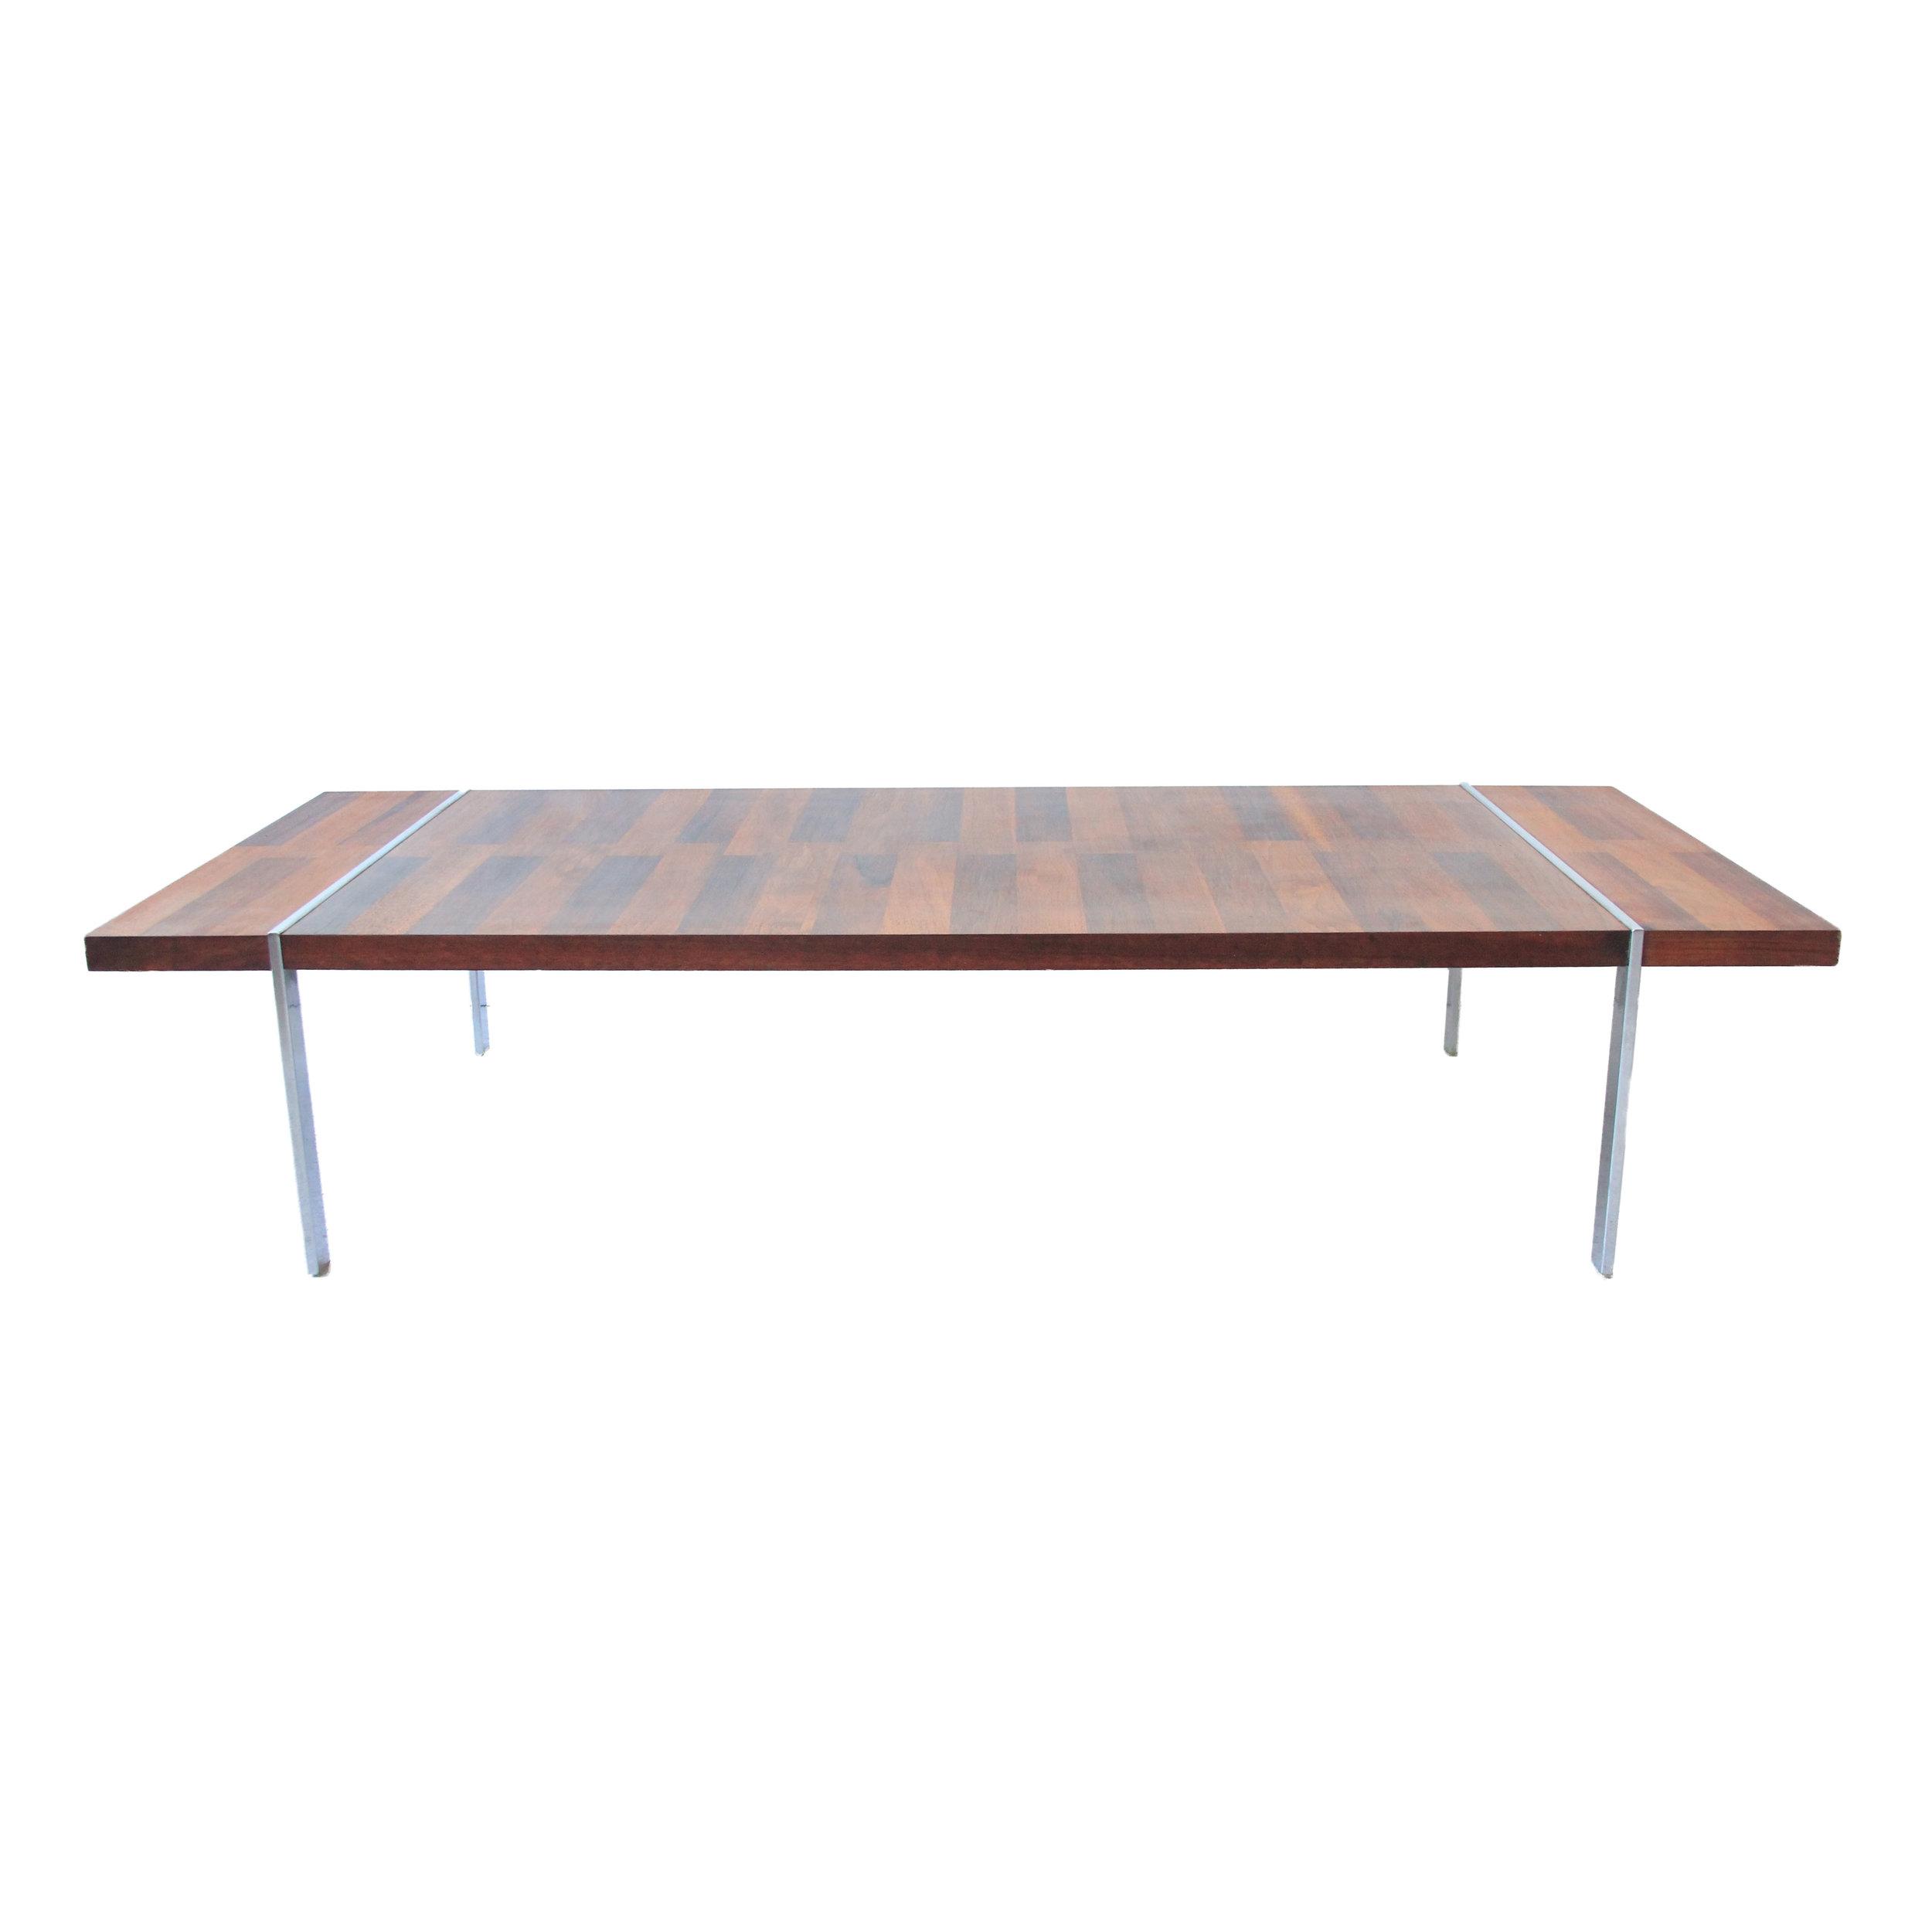 vintage mid century coffee table.jpg